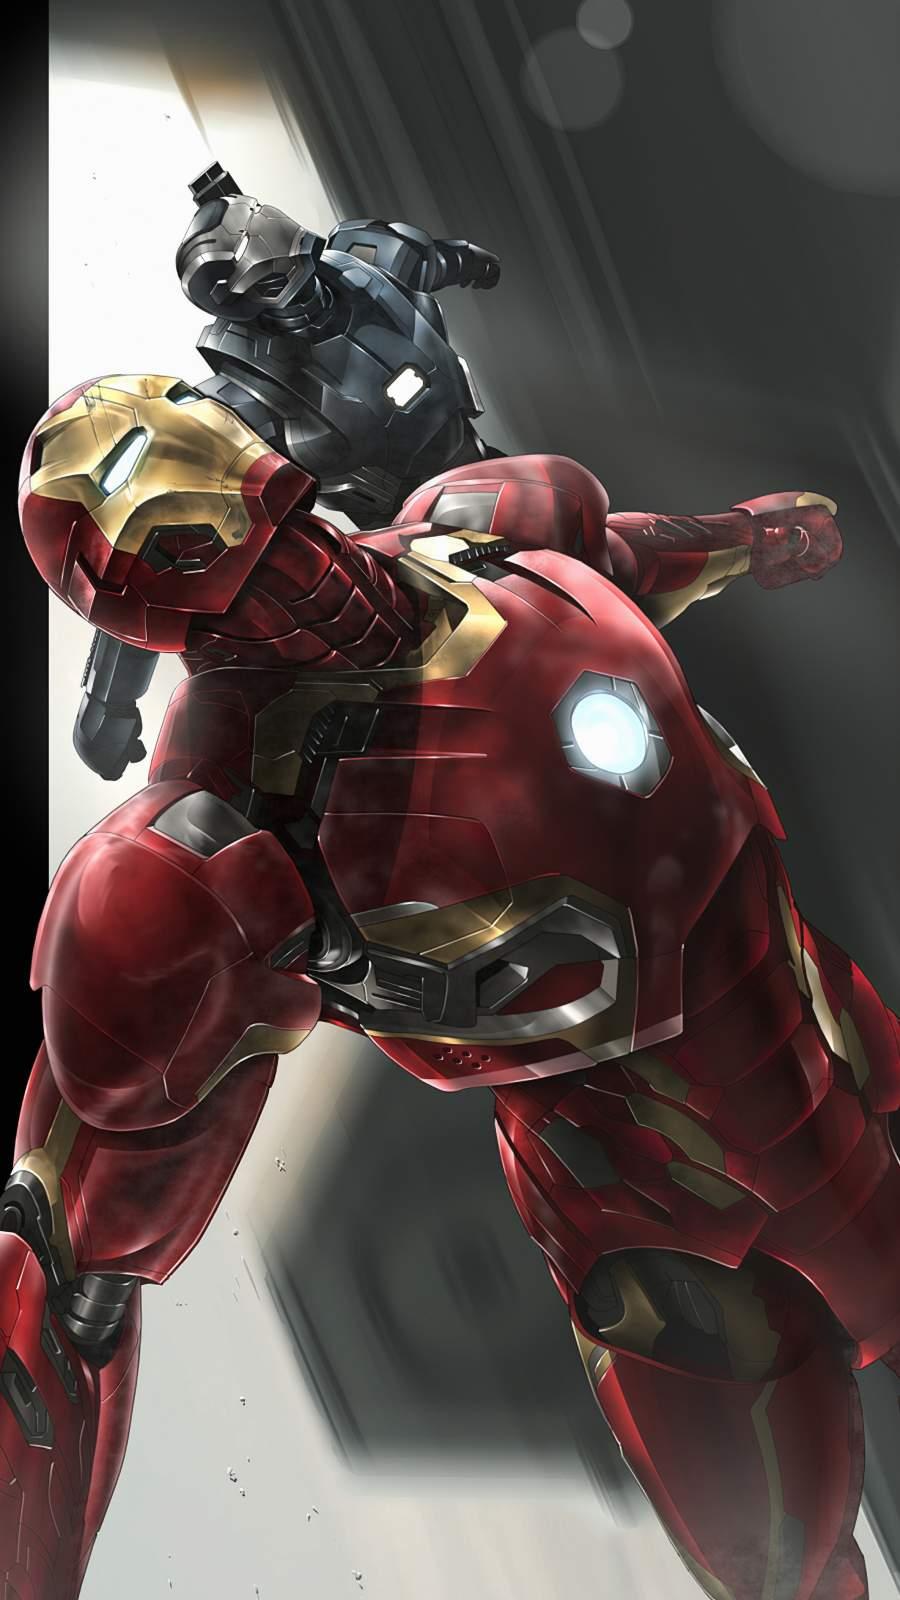 Iron Man War Machine Art iPhone Wallpaper